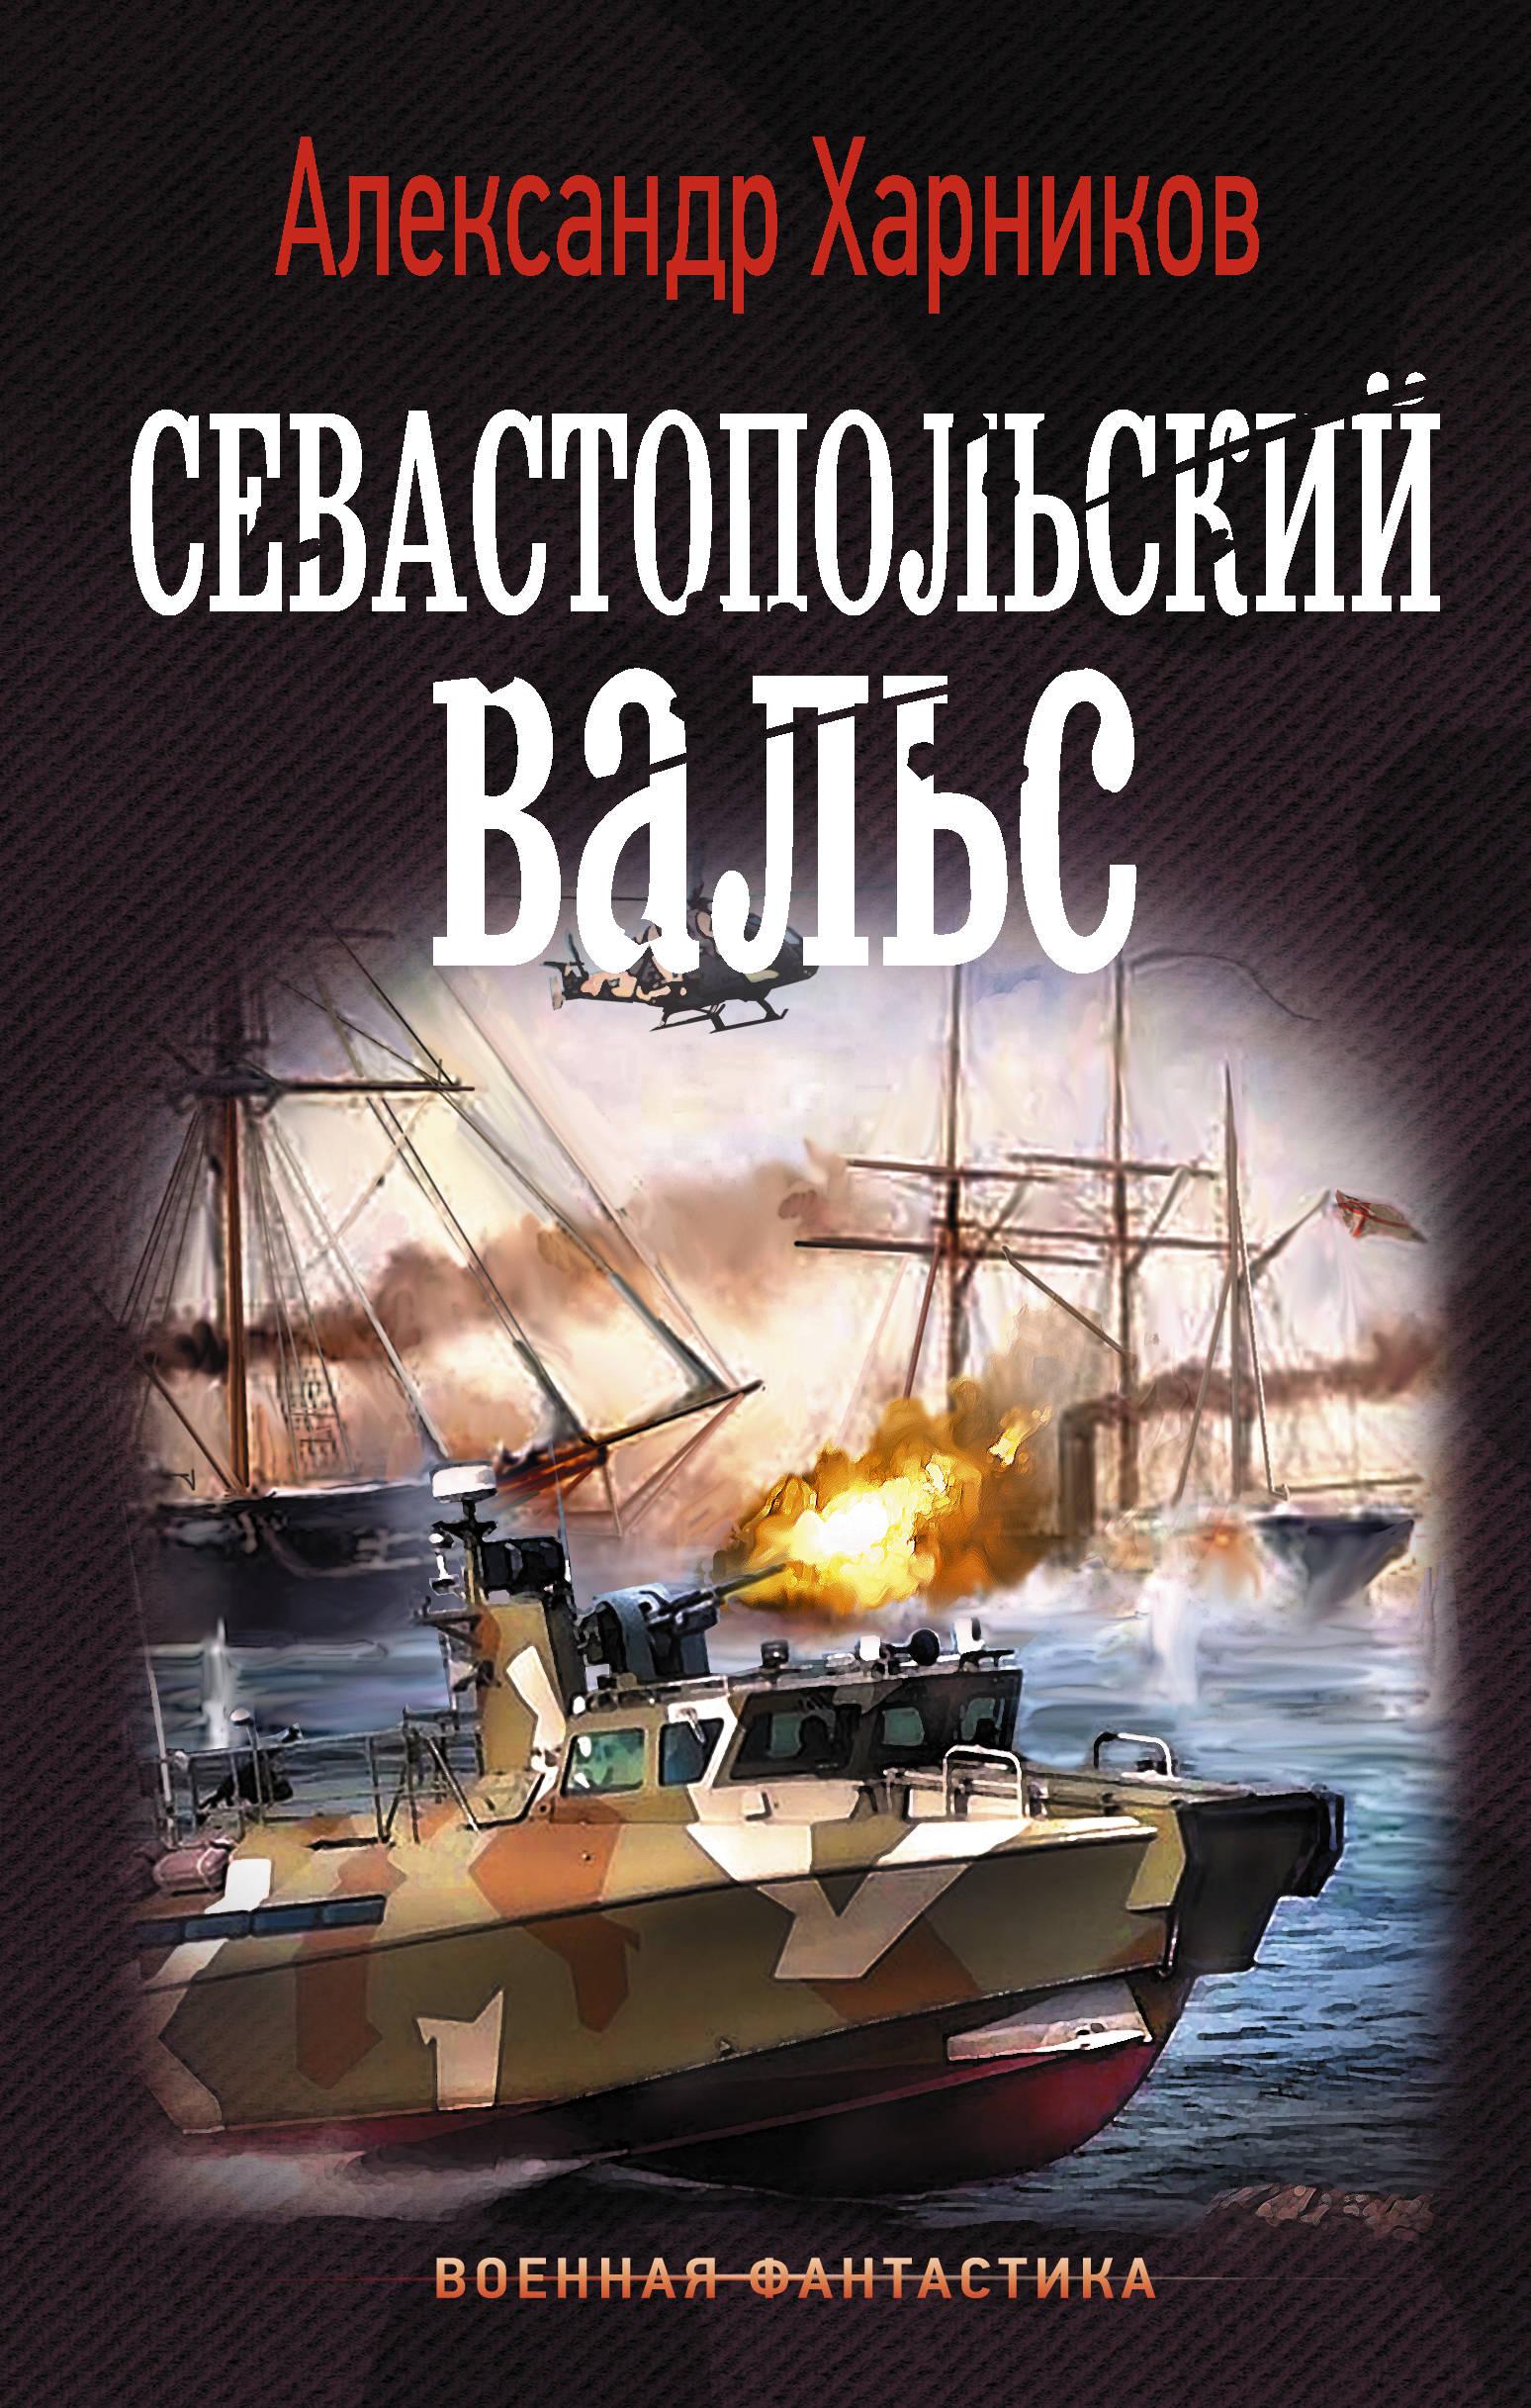 Александр Харников Севастопольский вальс